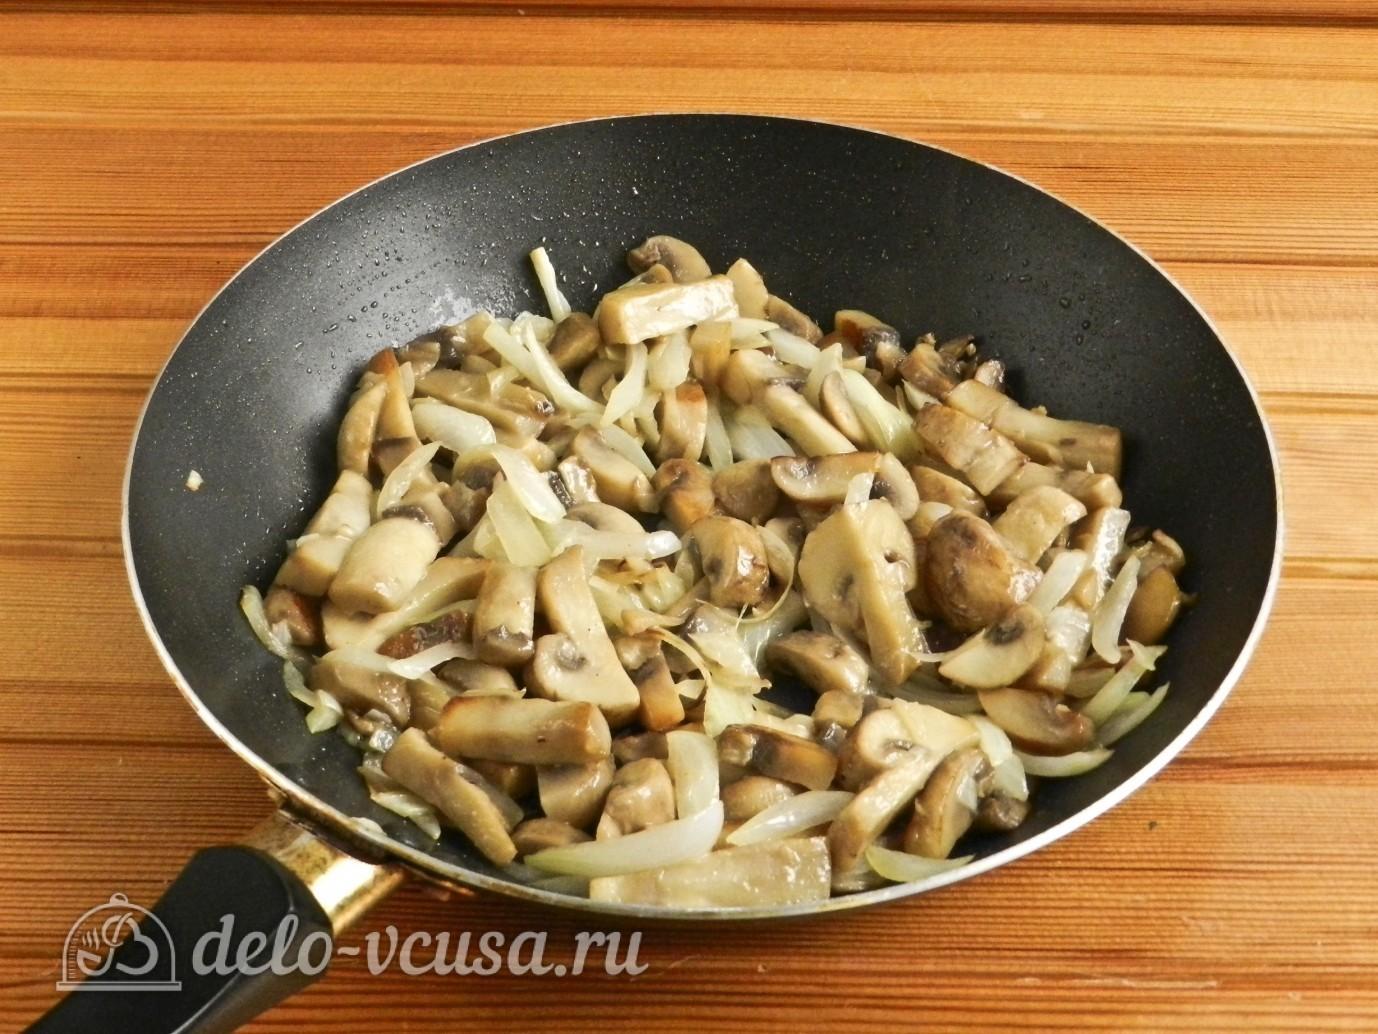 Пошаговые рецепты пельмени грибные